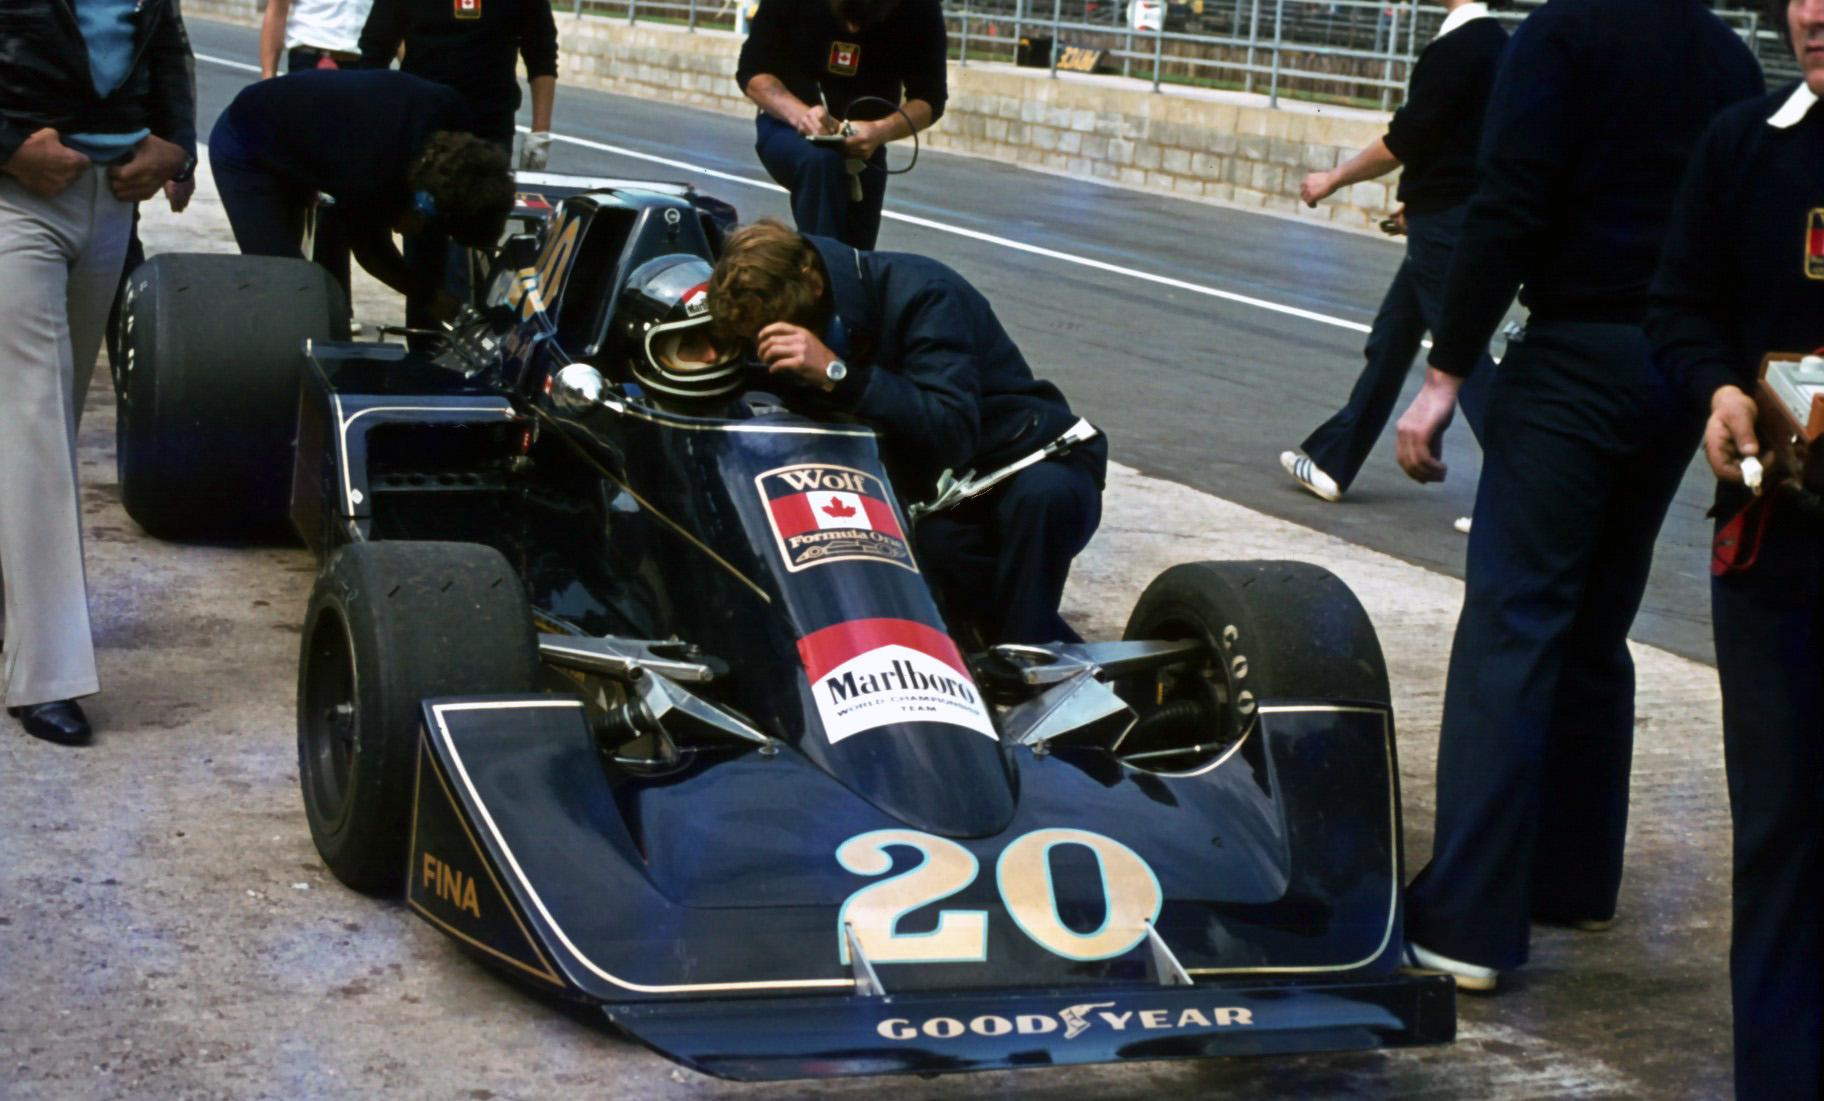 I 1976 kjørte Ickx for flere ulike team i Formel 1, her i en Wolf-Williams FW05, som var et samarbeid mellom teamene til Frank Williams og Walter Wolf.